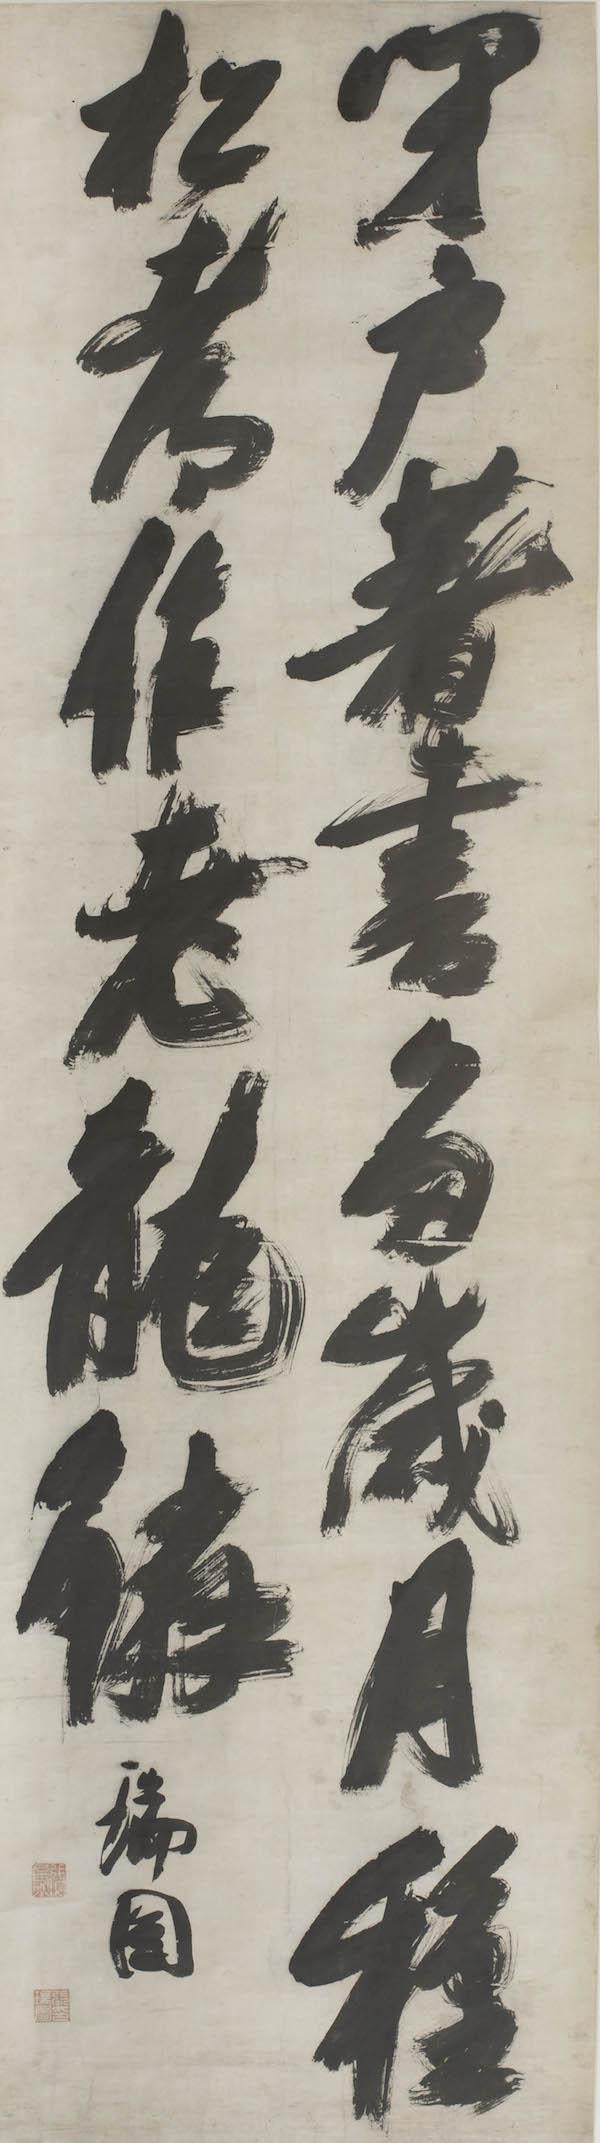 图十三:张瑞图《王维诗句轴》,美国观远山庄藏